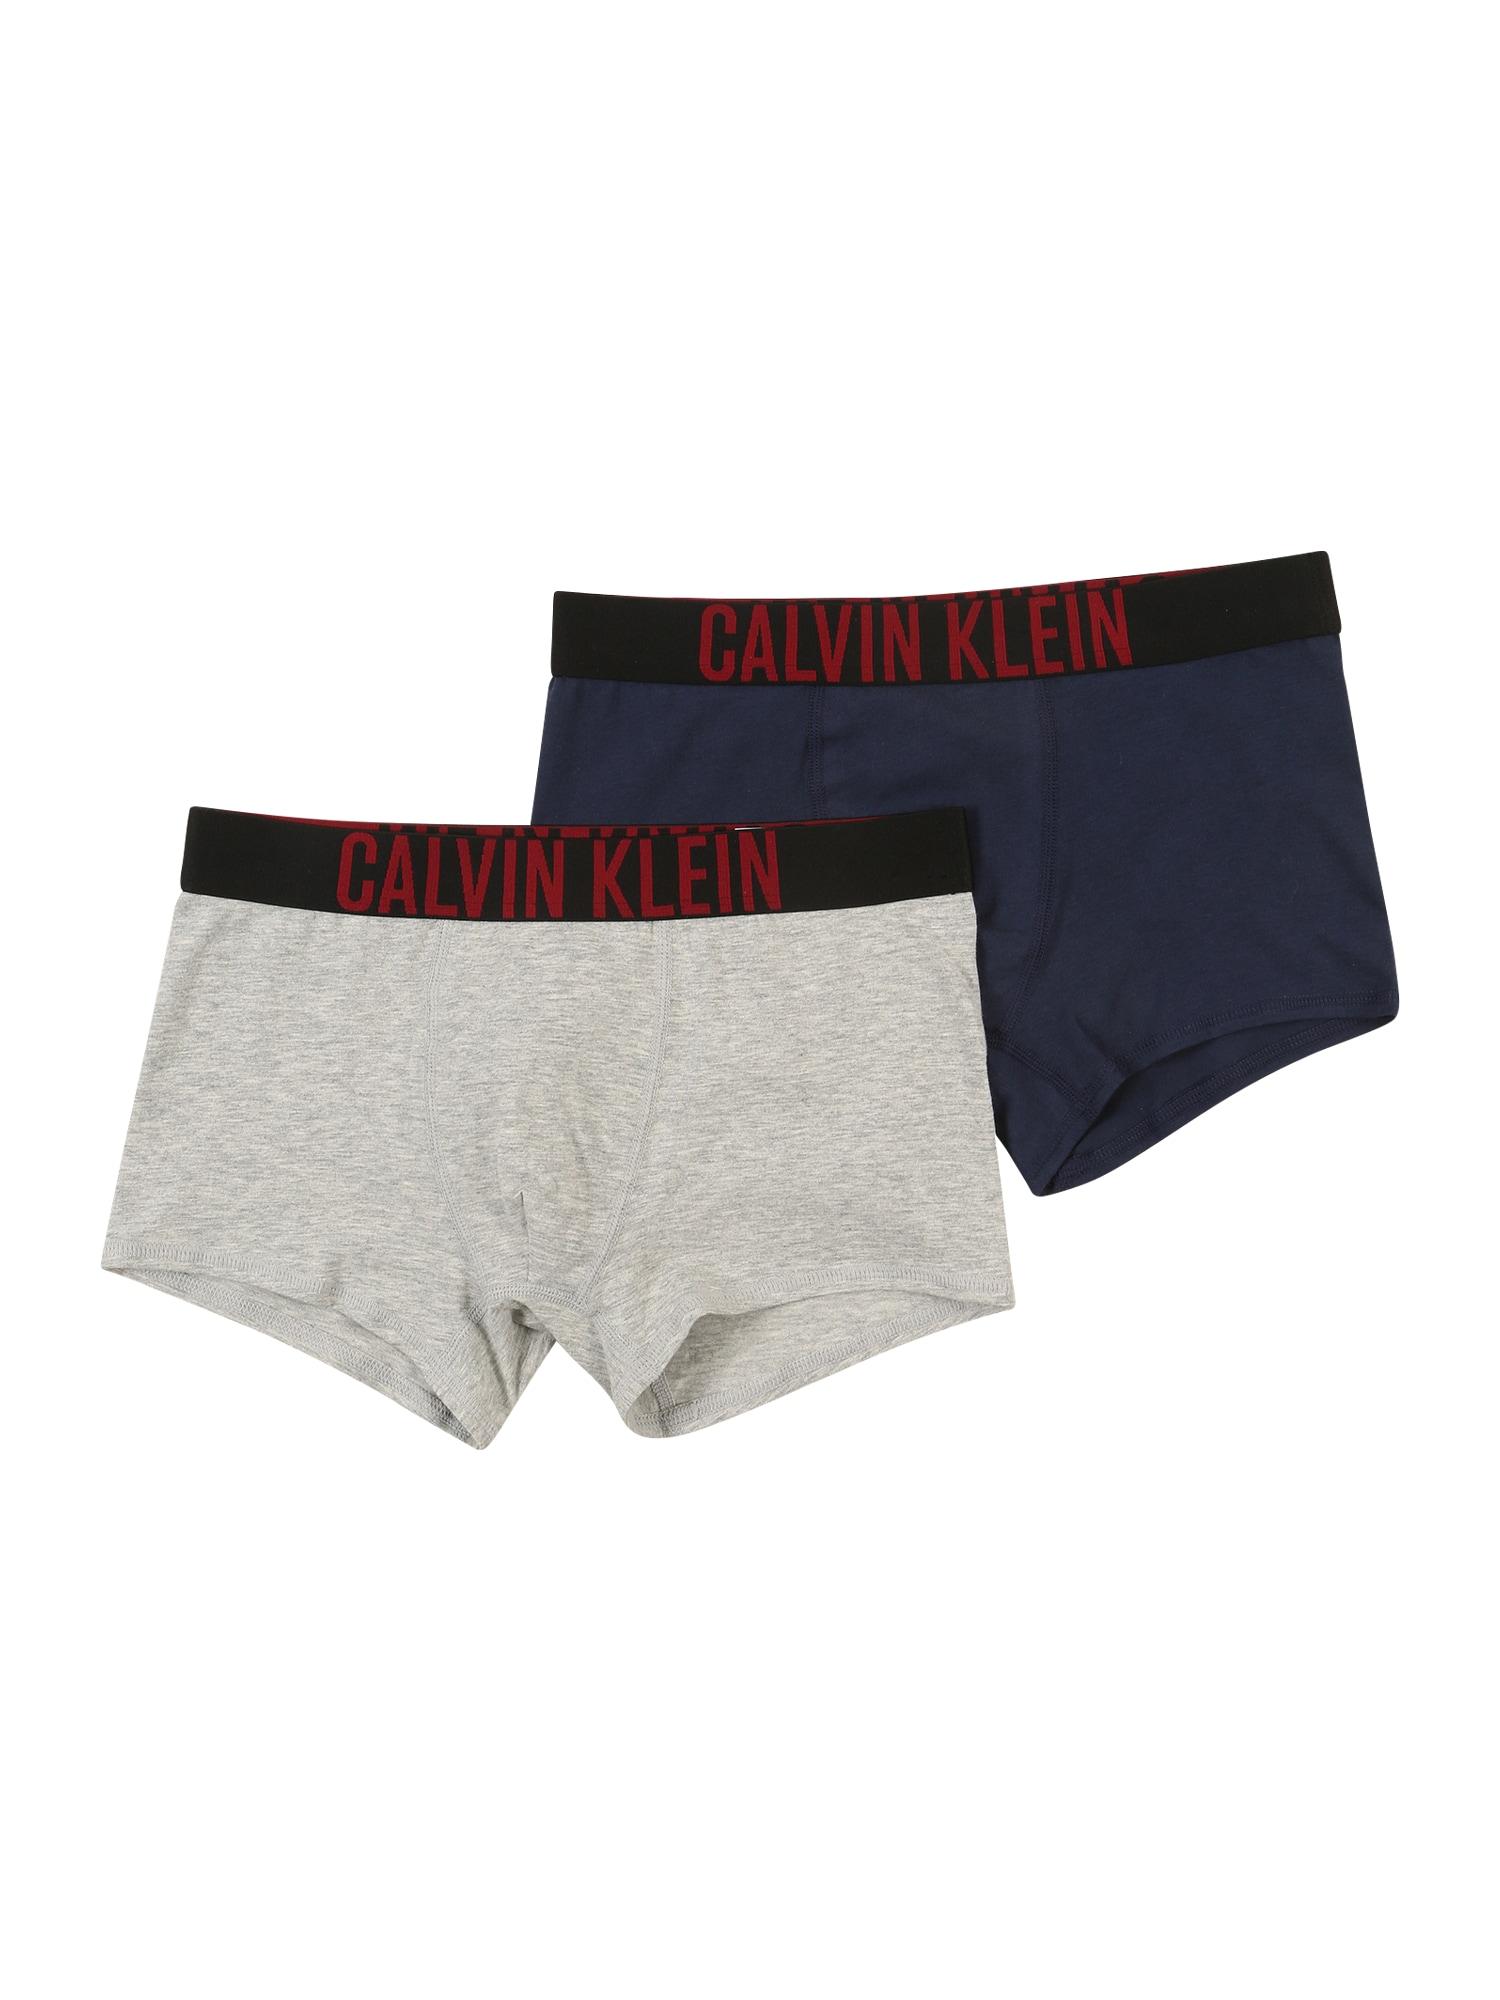 Calvin Klein Underwear Spodní prádlo  černá / šedá / námořnická modř / červená